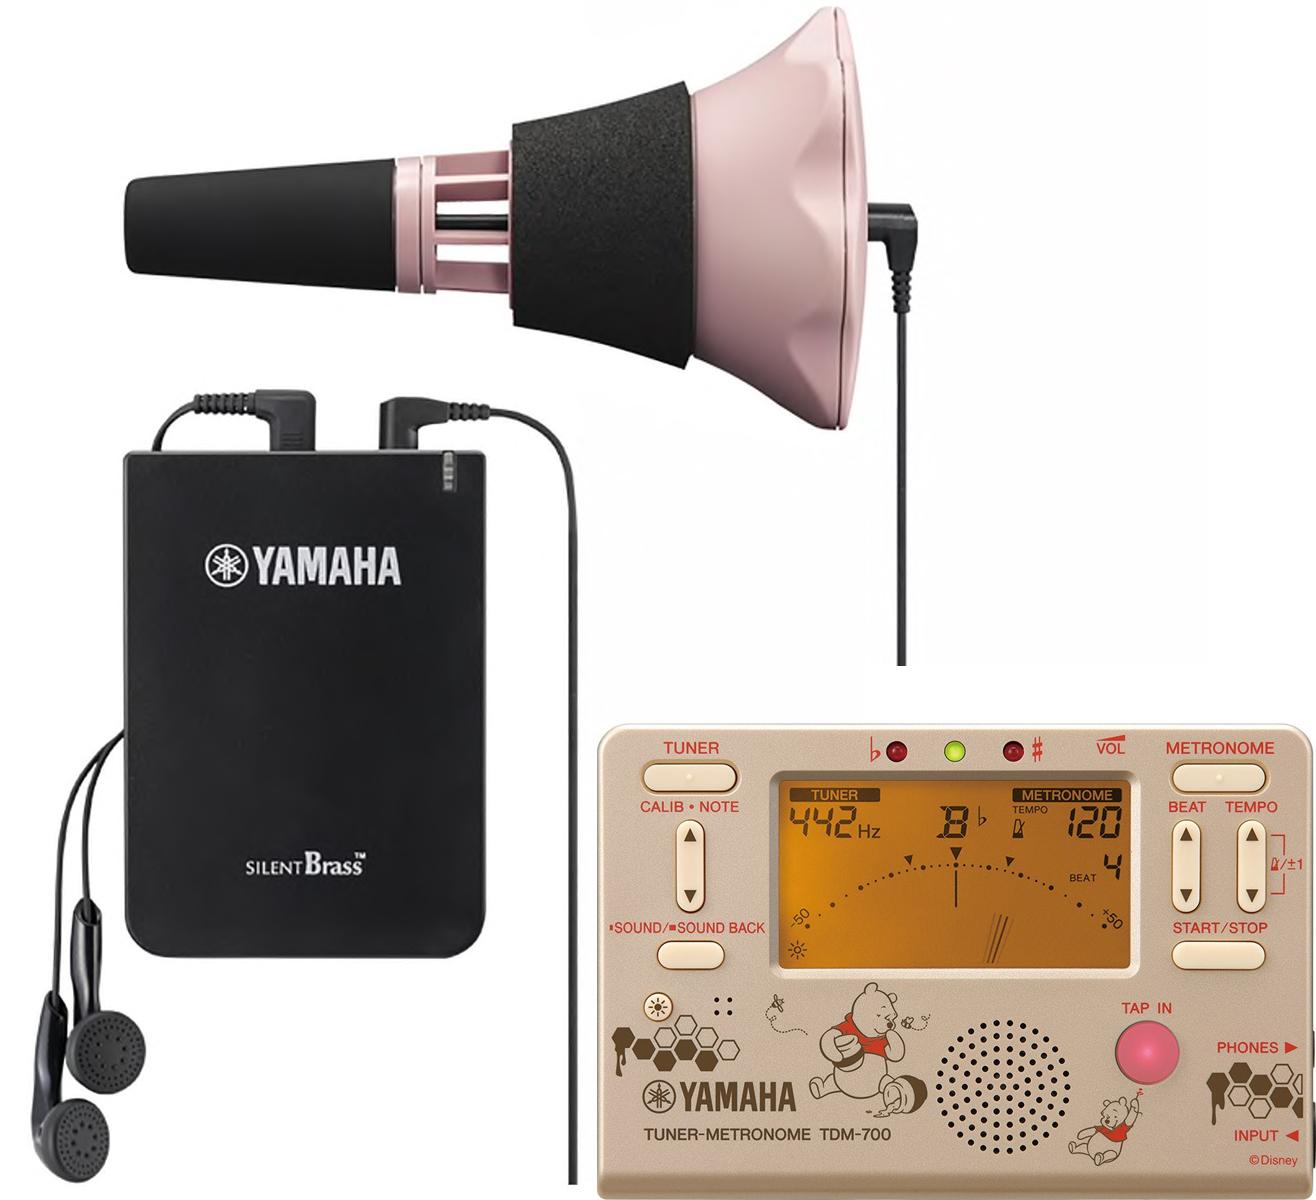 YAMAHA ( ヤマハ ) SB7XP トランペット用 サイレントブラス ピンク メトロノームチューナー TDM-700DPO3 プーさん クロマチックチューナー ディズニー SB-7XP セット D